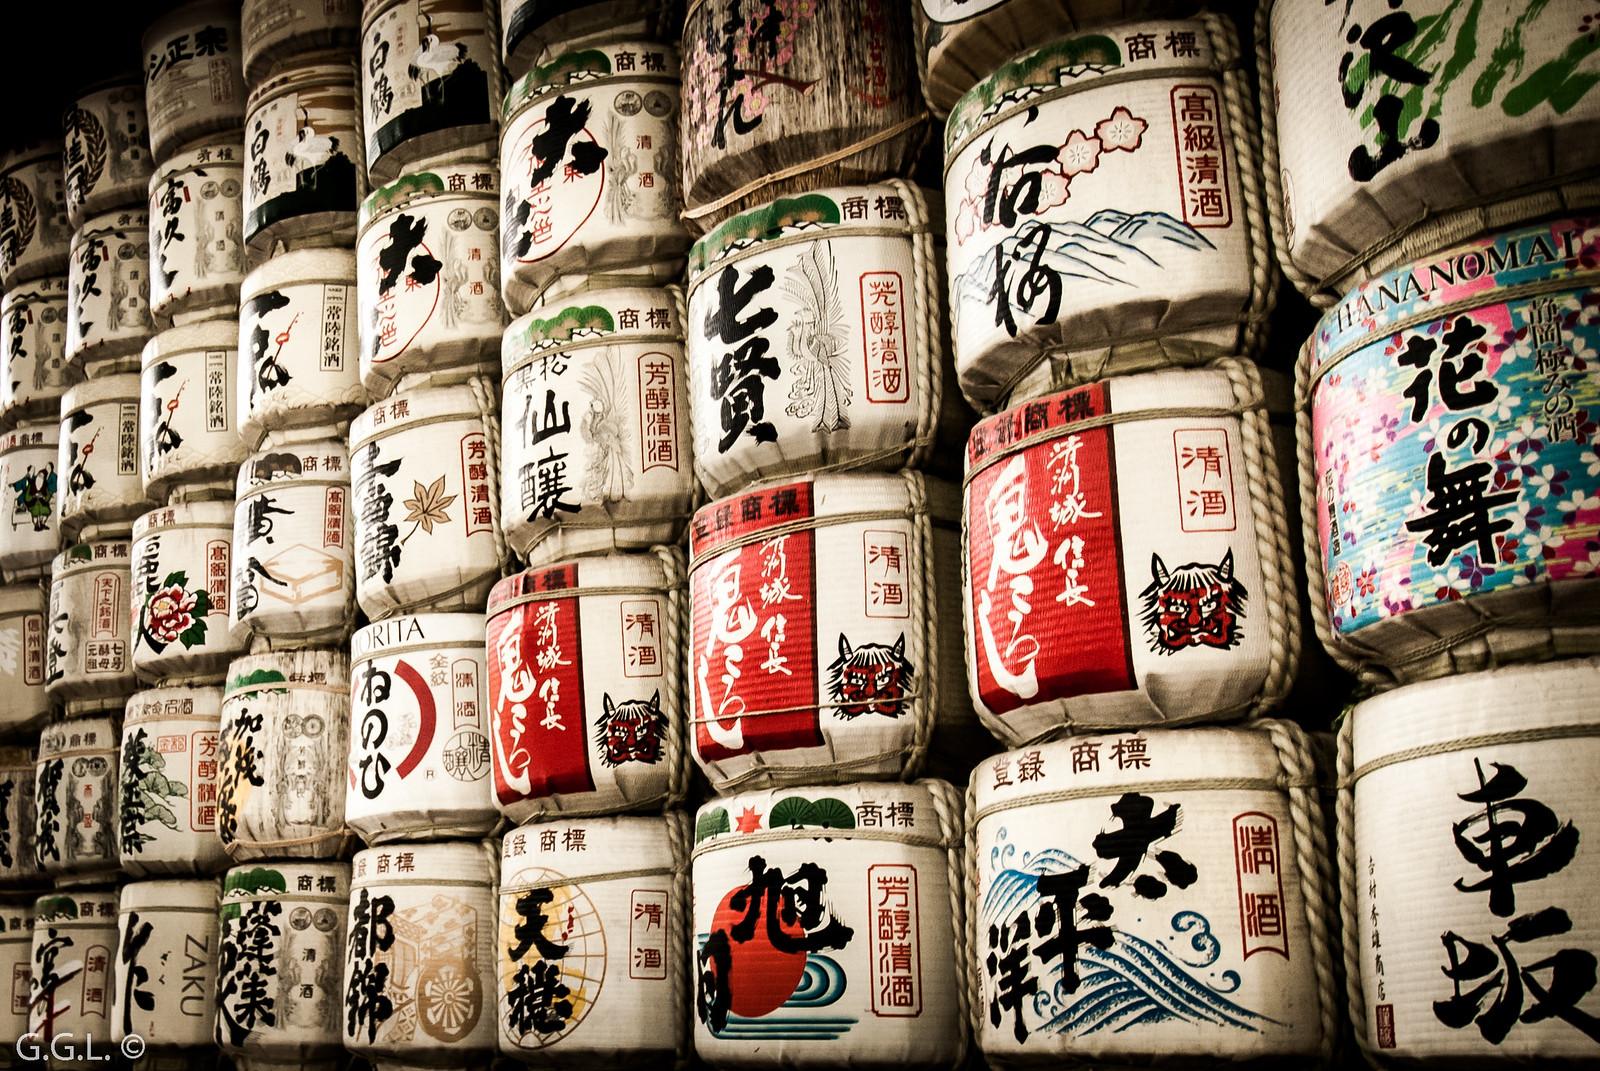 明治神宮。東京。酒の樽。